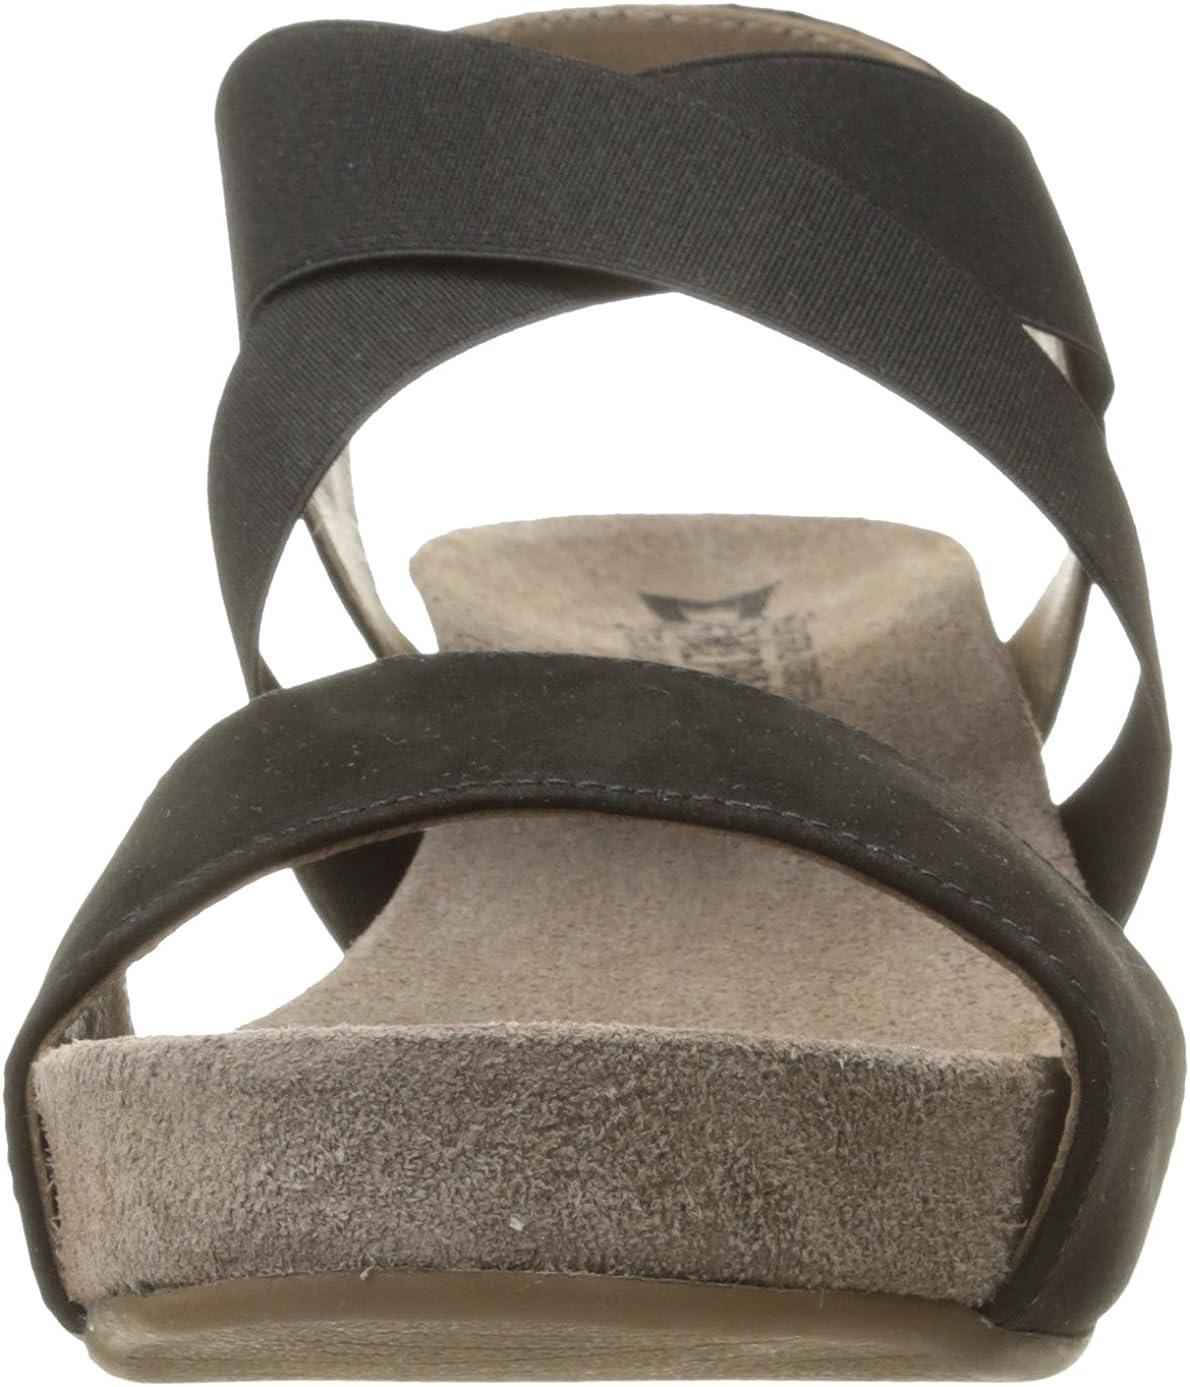 Mephisto Womens Barbara Elasticated Sandals Nero